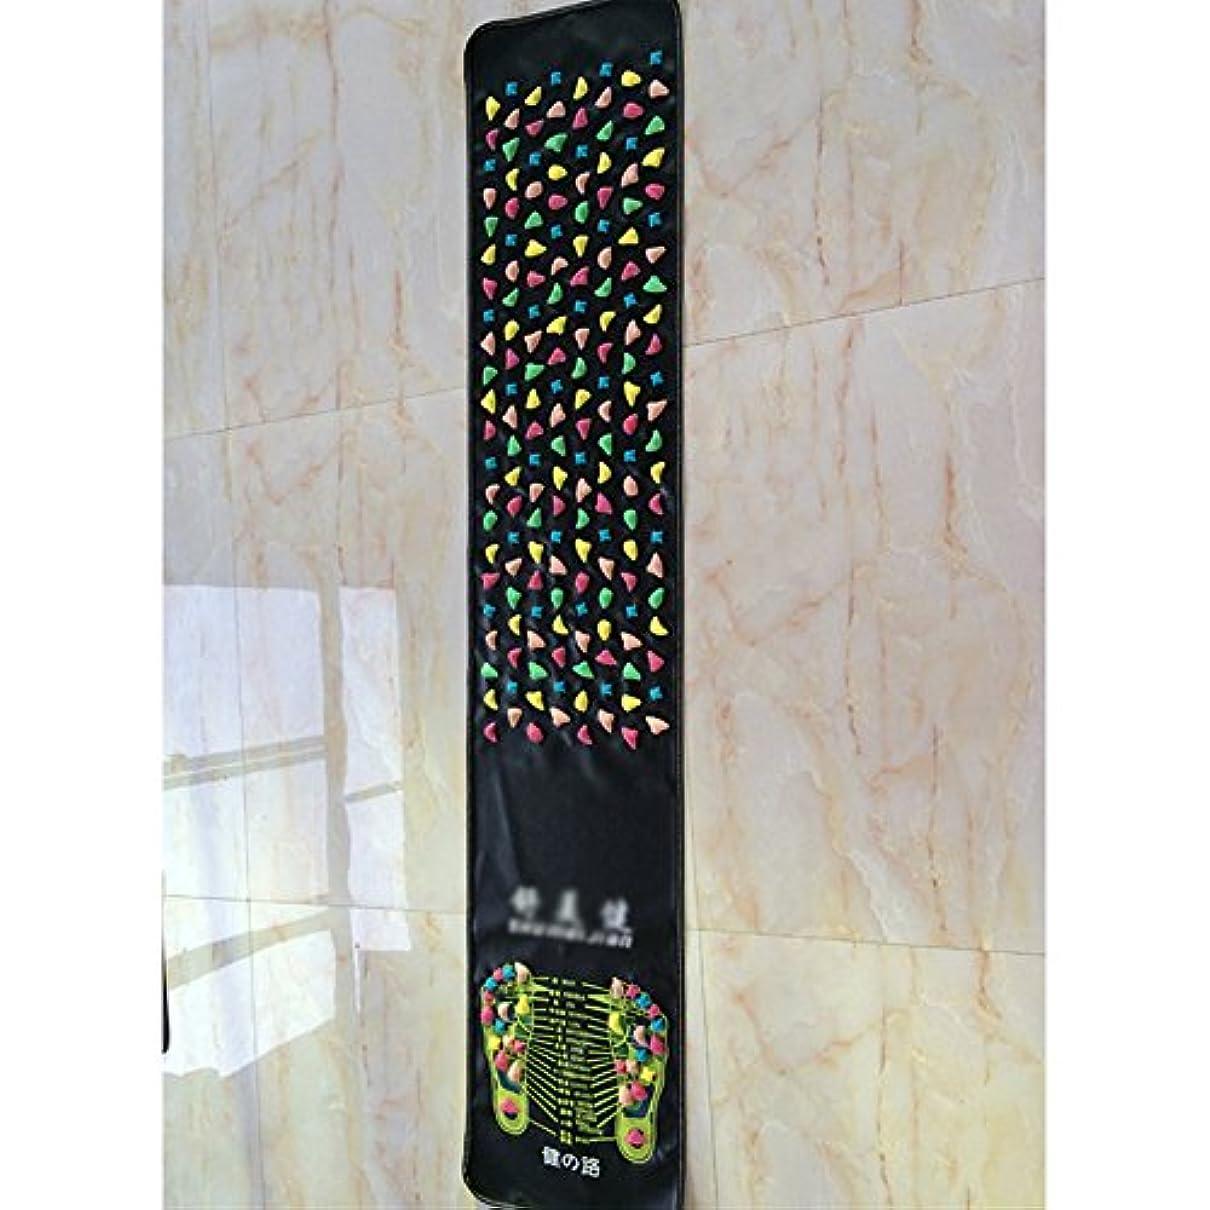 パキスタン人ストラップマスタード足つぼマット 足つぼマッサージシート フットマッサージマット 健康 足裏 血行促進 健康グッズ 模造石畳の歩道 フットマッサージ